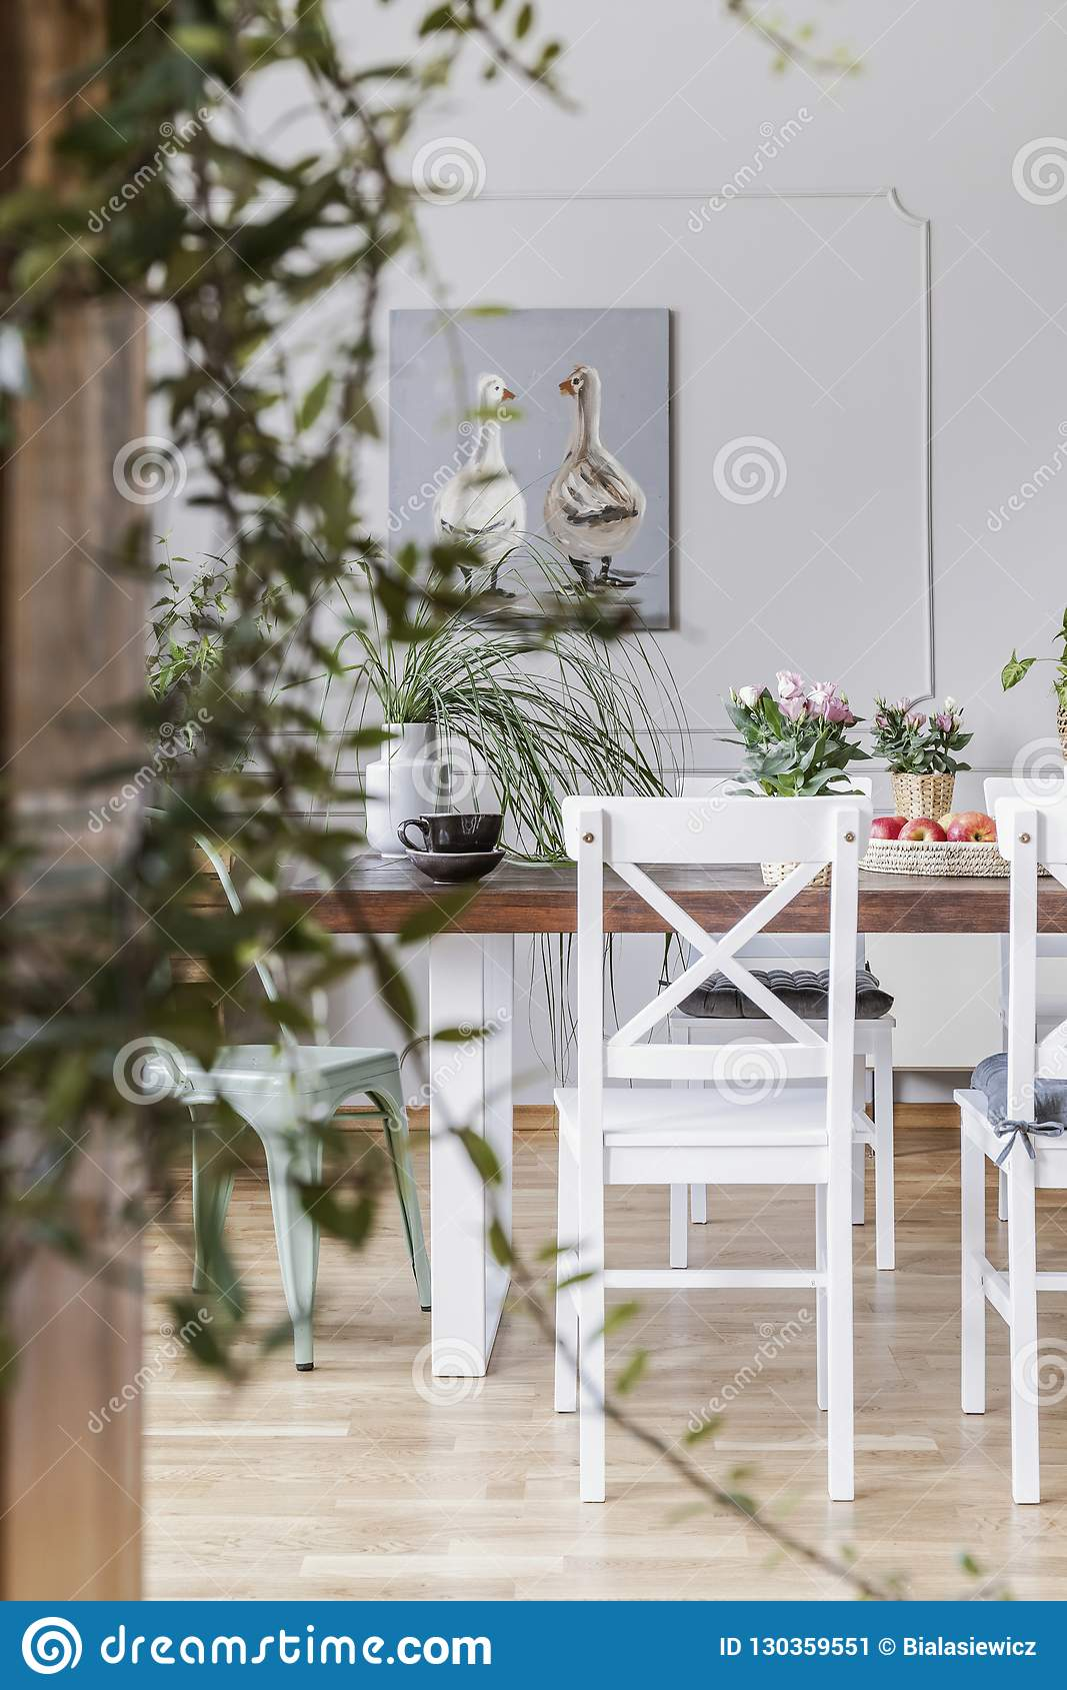 Suddig närbild av en växt med en stol bredvid en äta middag tabell i bakgrunden Verkligt foto av en matsalinre